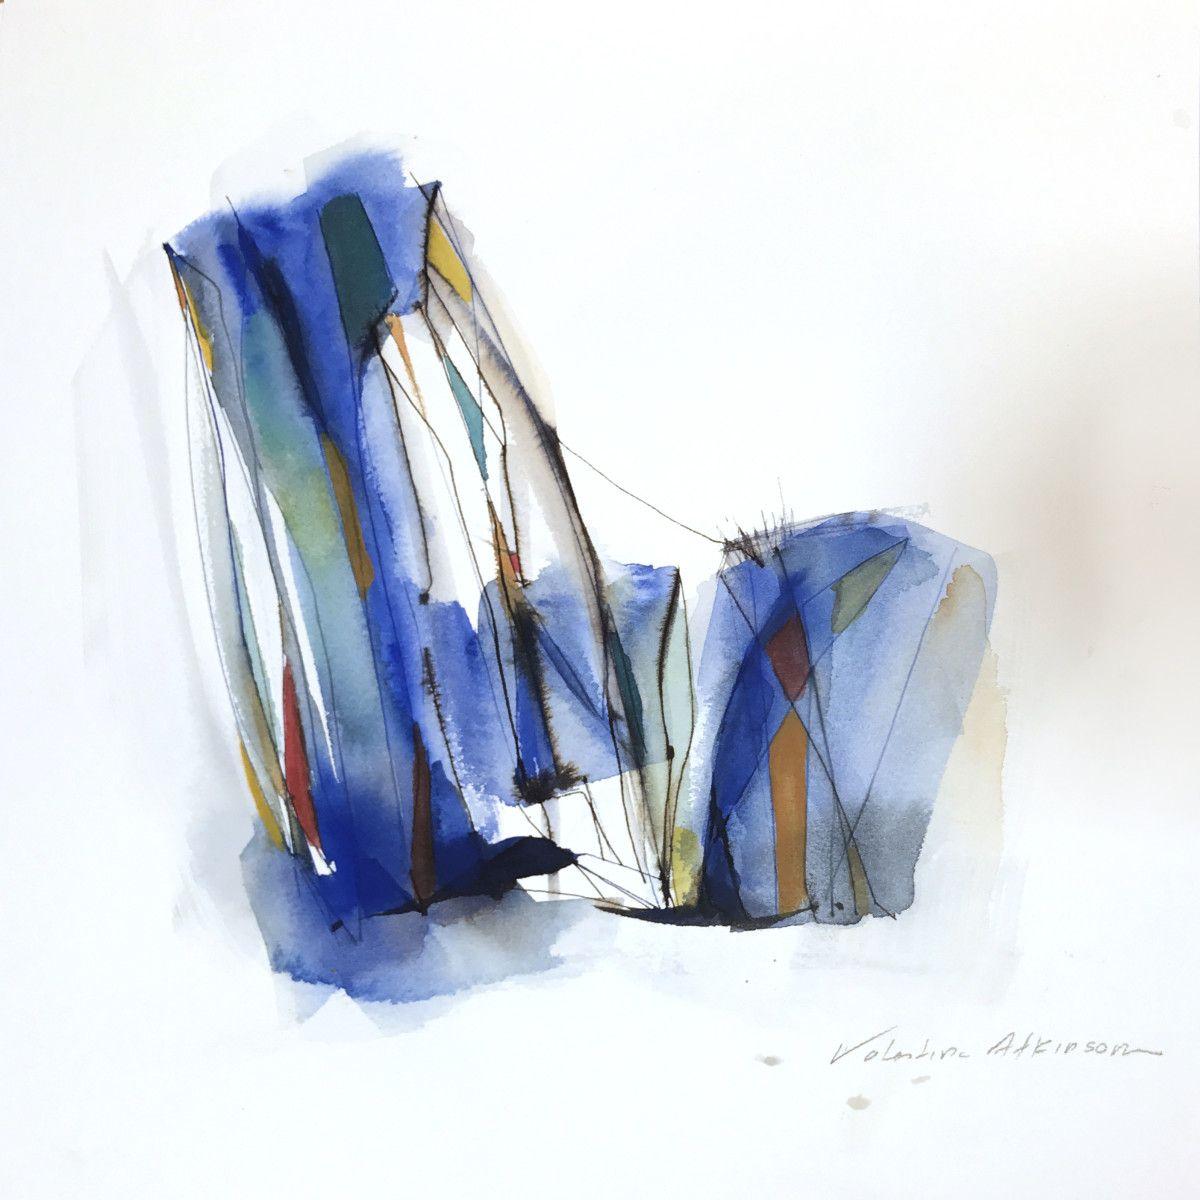 Valentina Atkinson, Tiempo de Mediodía, 2017, Watercolor and Ink on Paper, 14 x 14 in